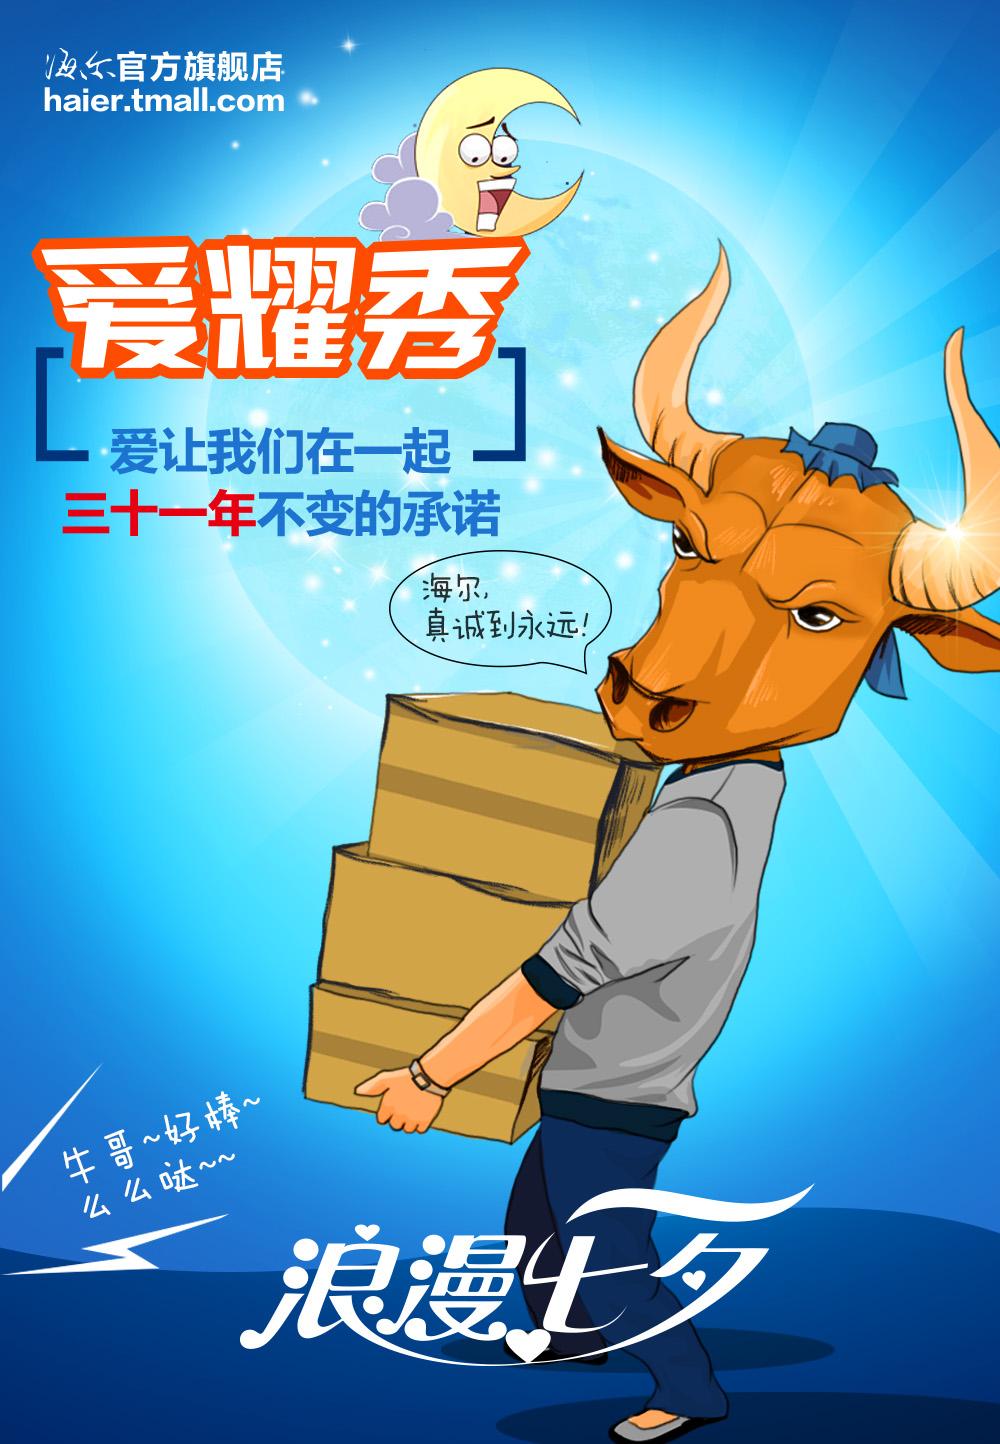 七夕节手绘海报